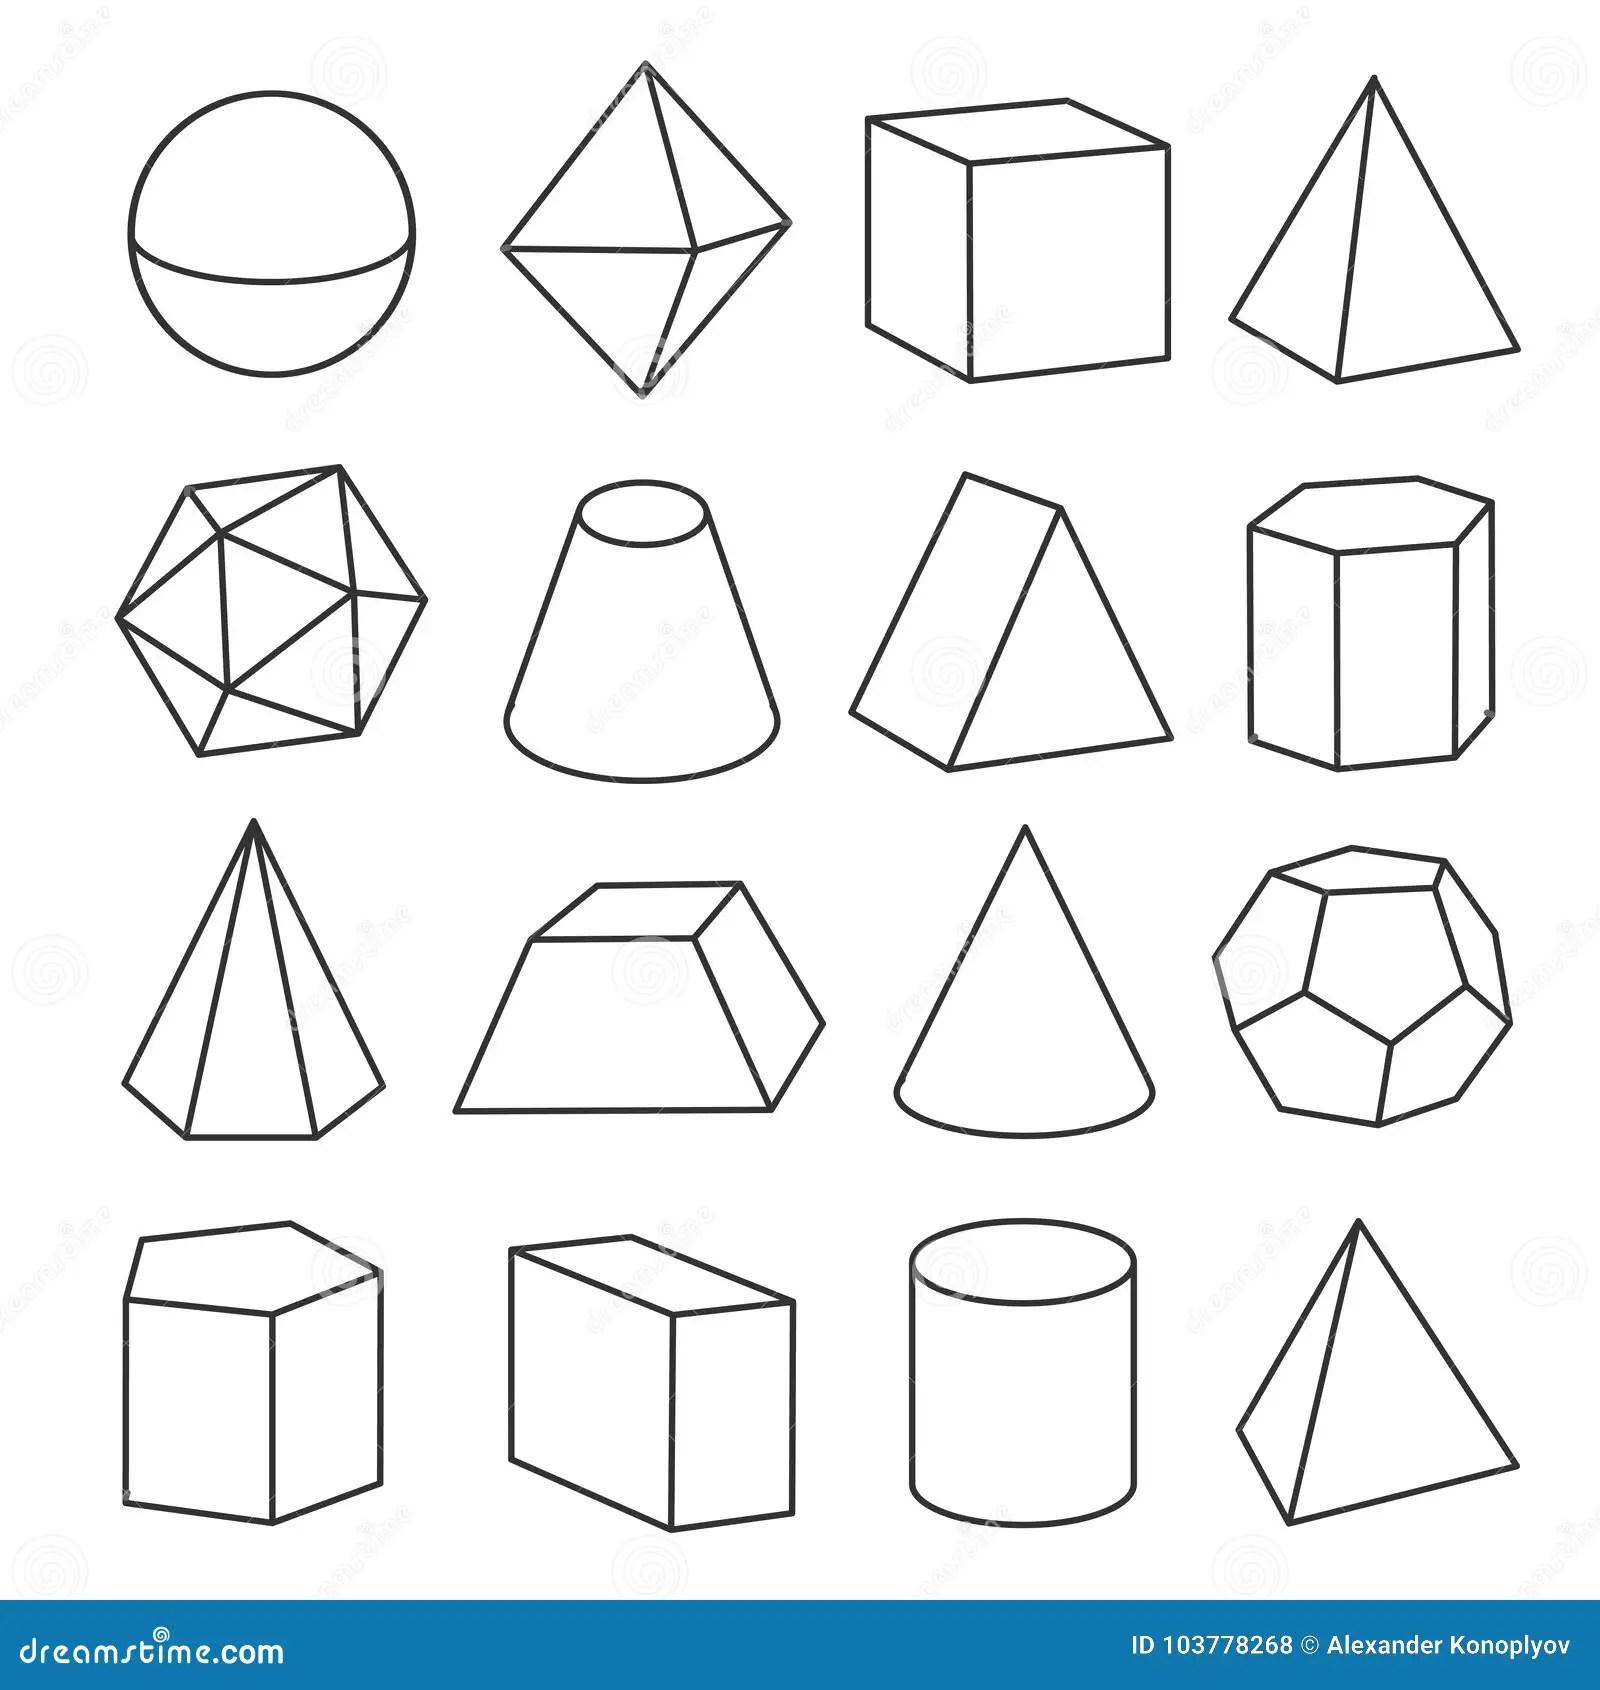 Isometric Geometric Figures Stock Vector